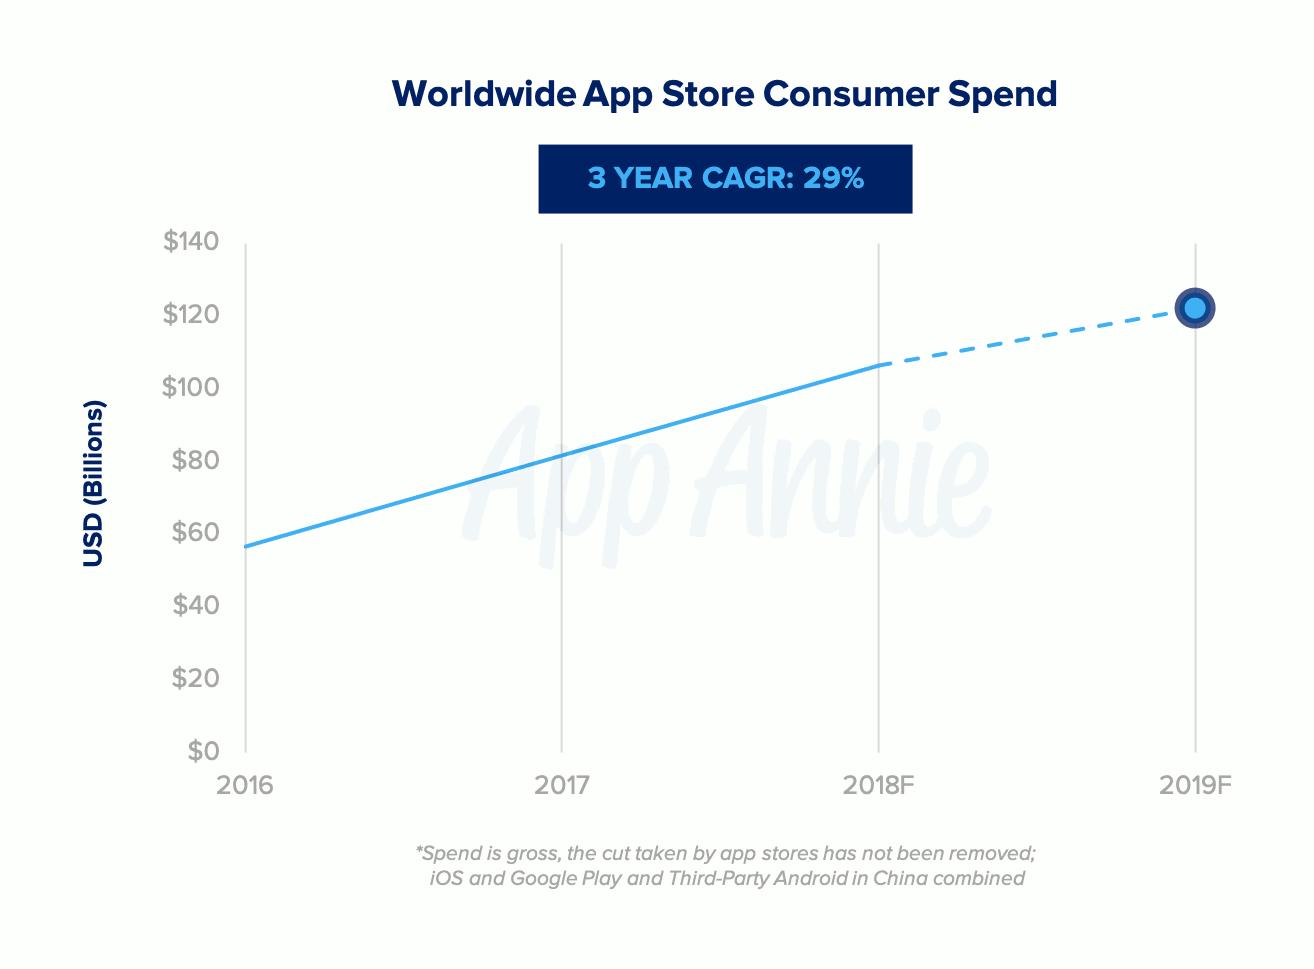 Les dépenses consommateurs de l'App Store